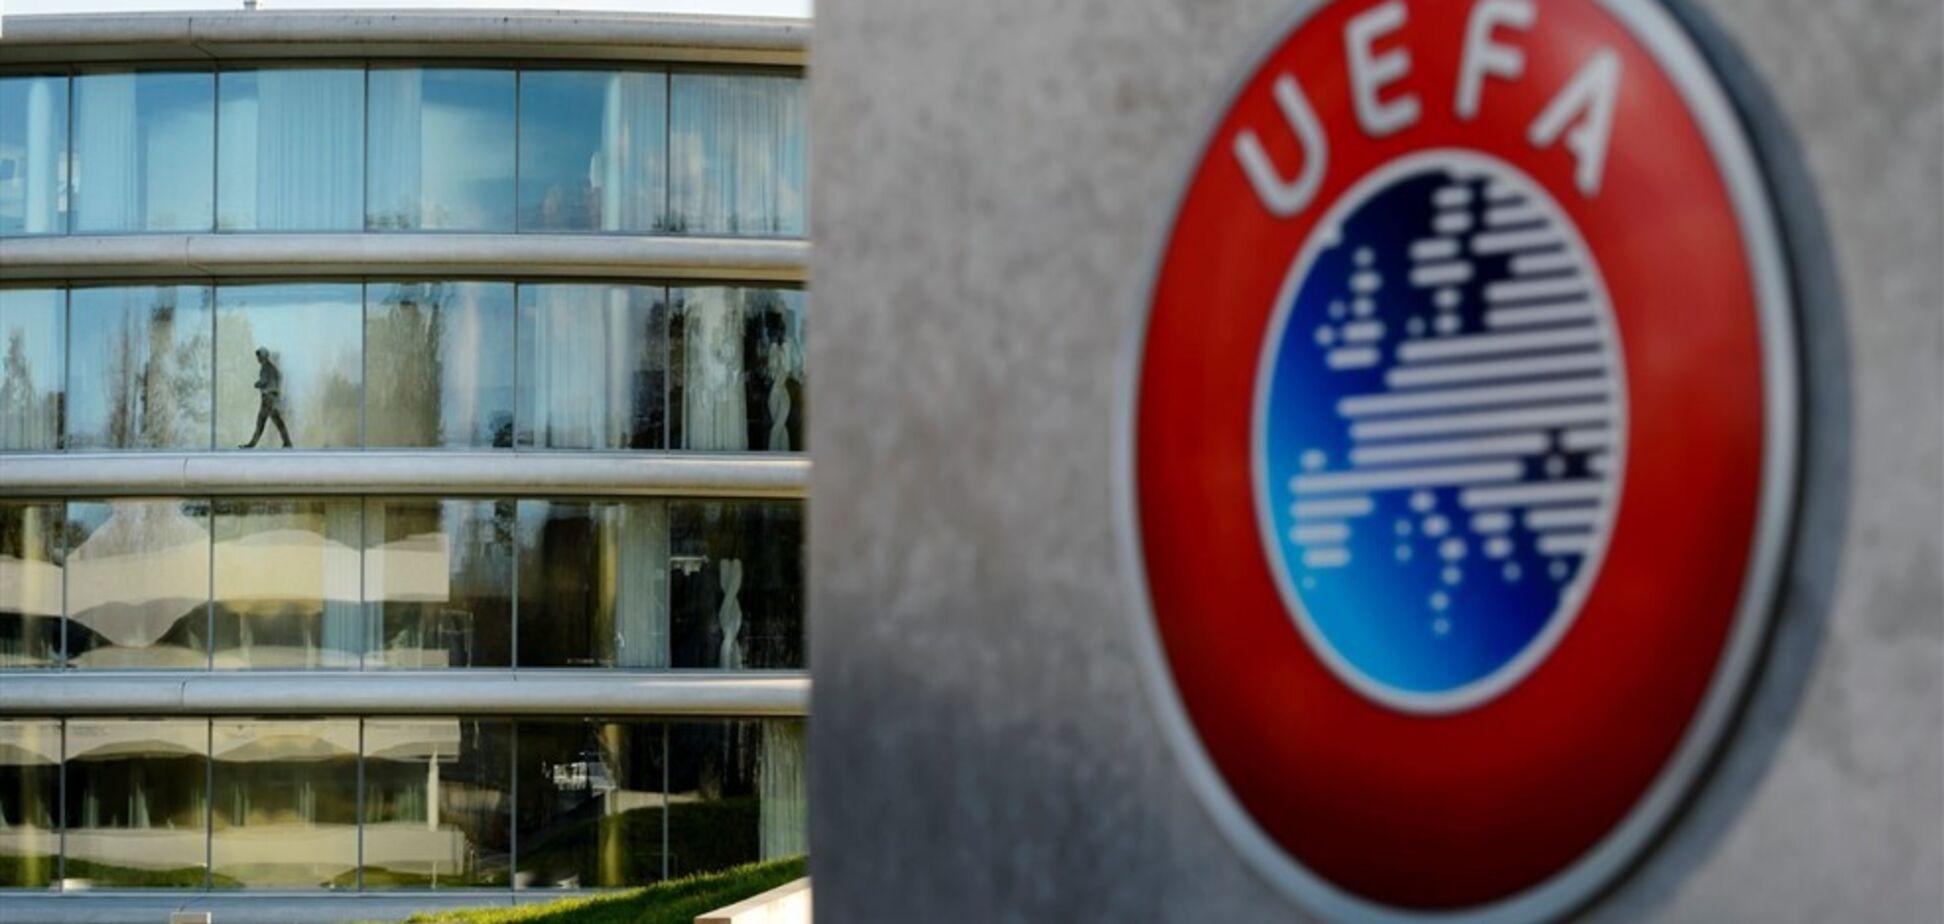 Чрезвычайная ситуация, как с Украиной: УЕФА ввел новые ограничения для России